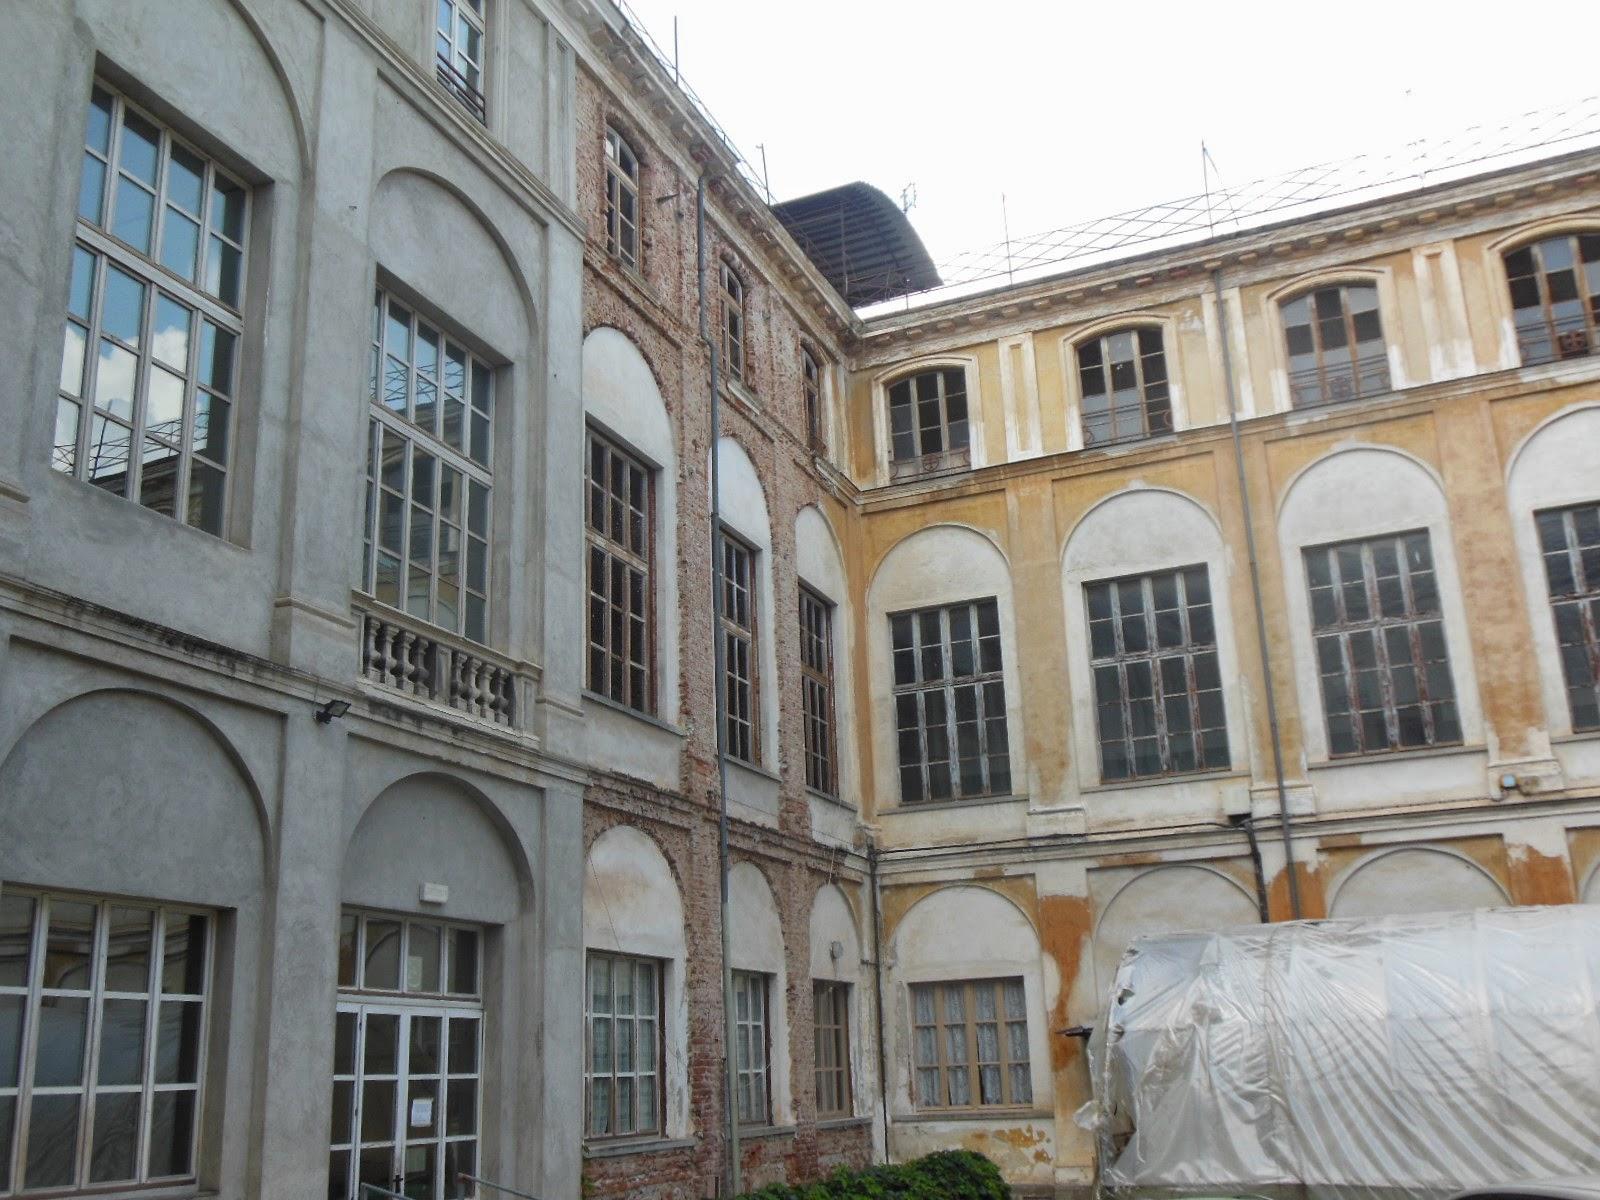 Cuneo e dintorni Exospedale di Santa Croce di Cuneo